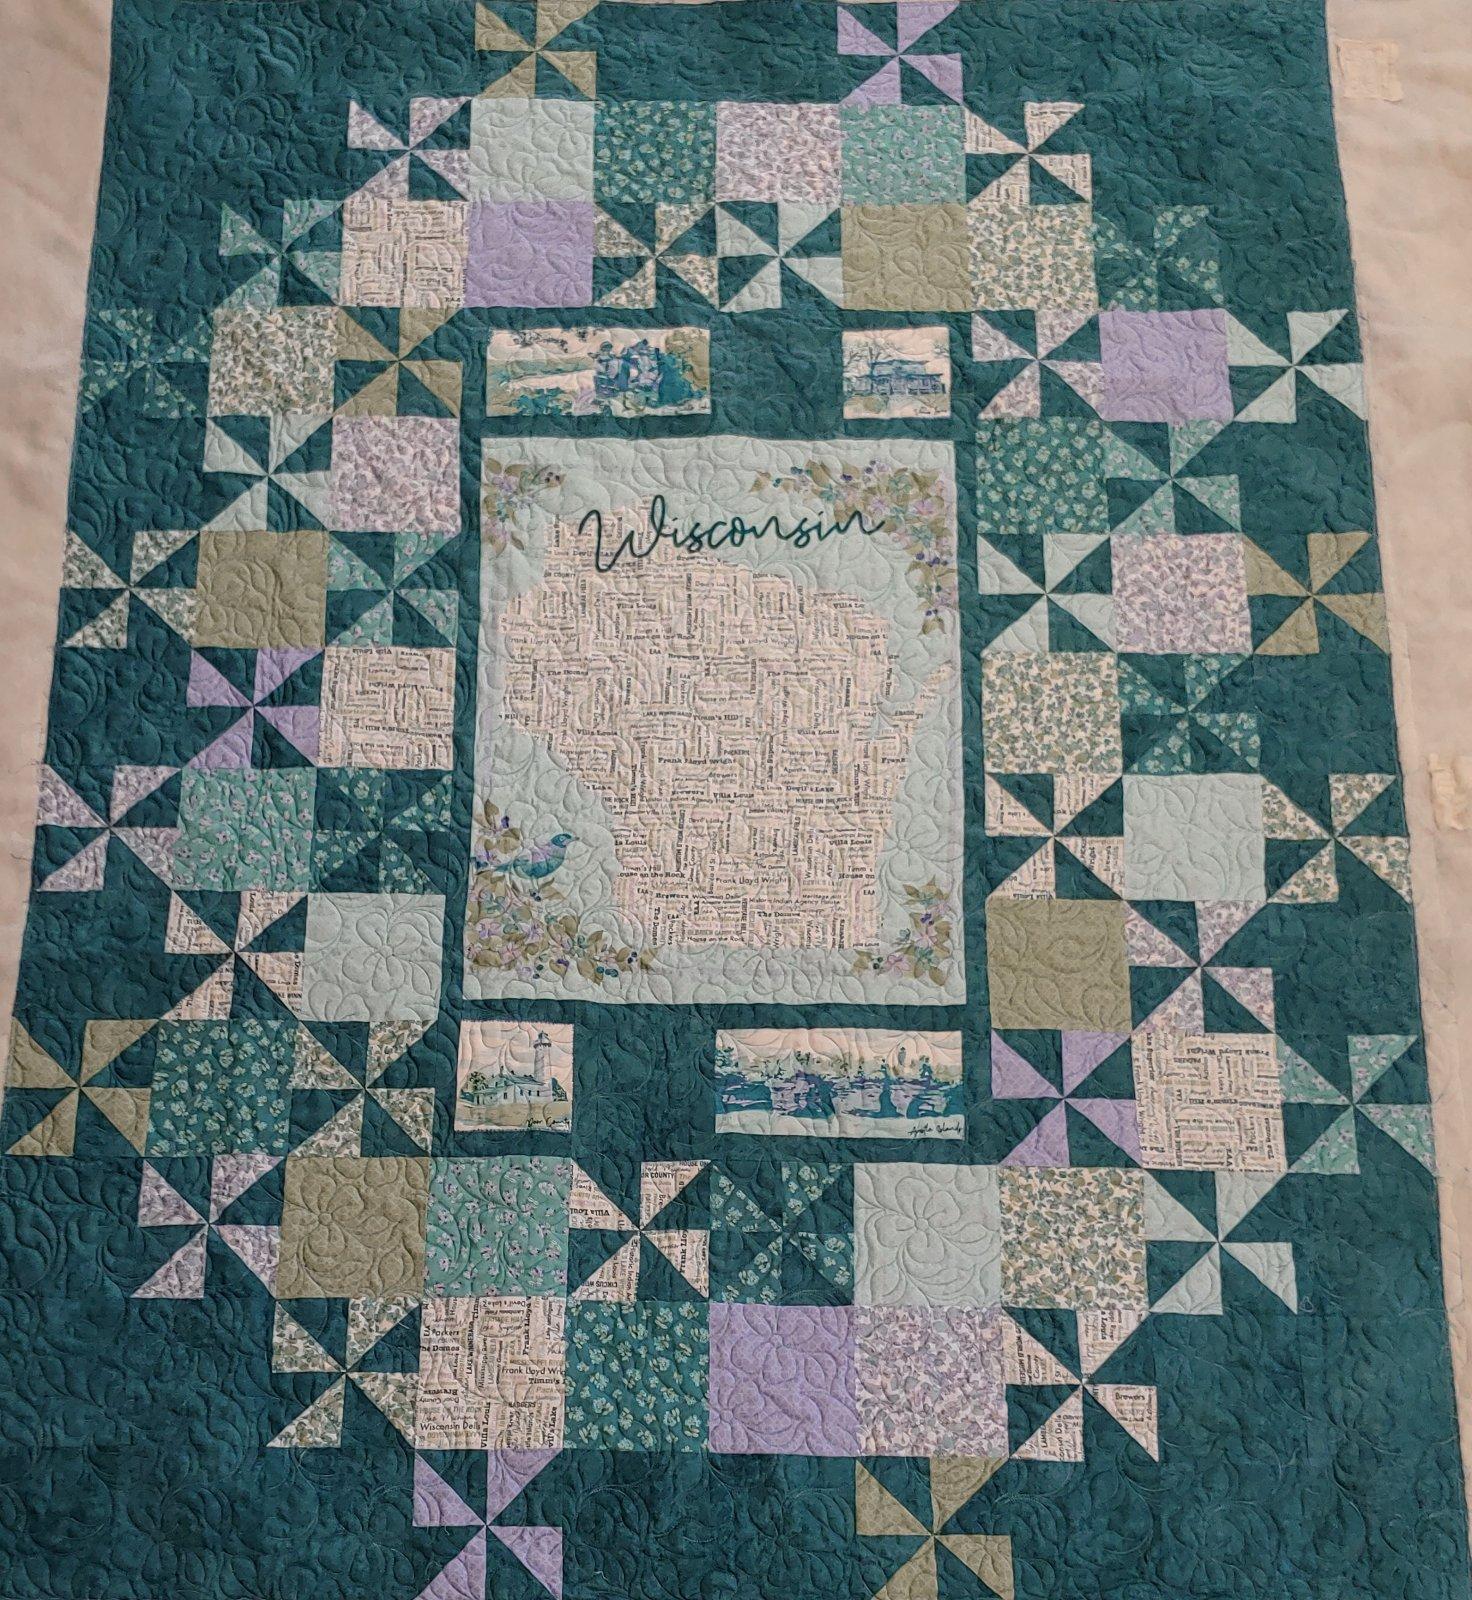 GCQK2021 Shop Hop WI Grand Central Quilt Kit  60 x 78 SEE LONG DESCRIPTION